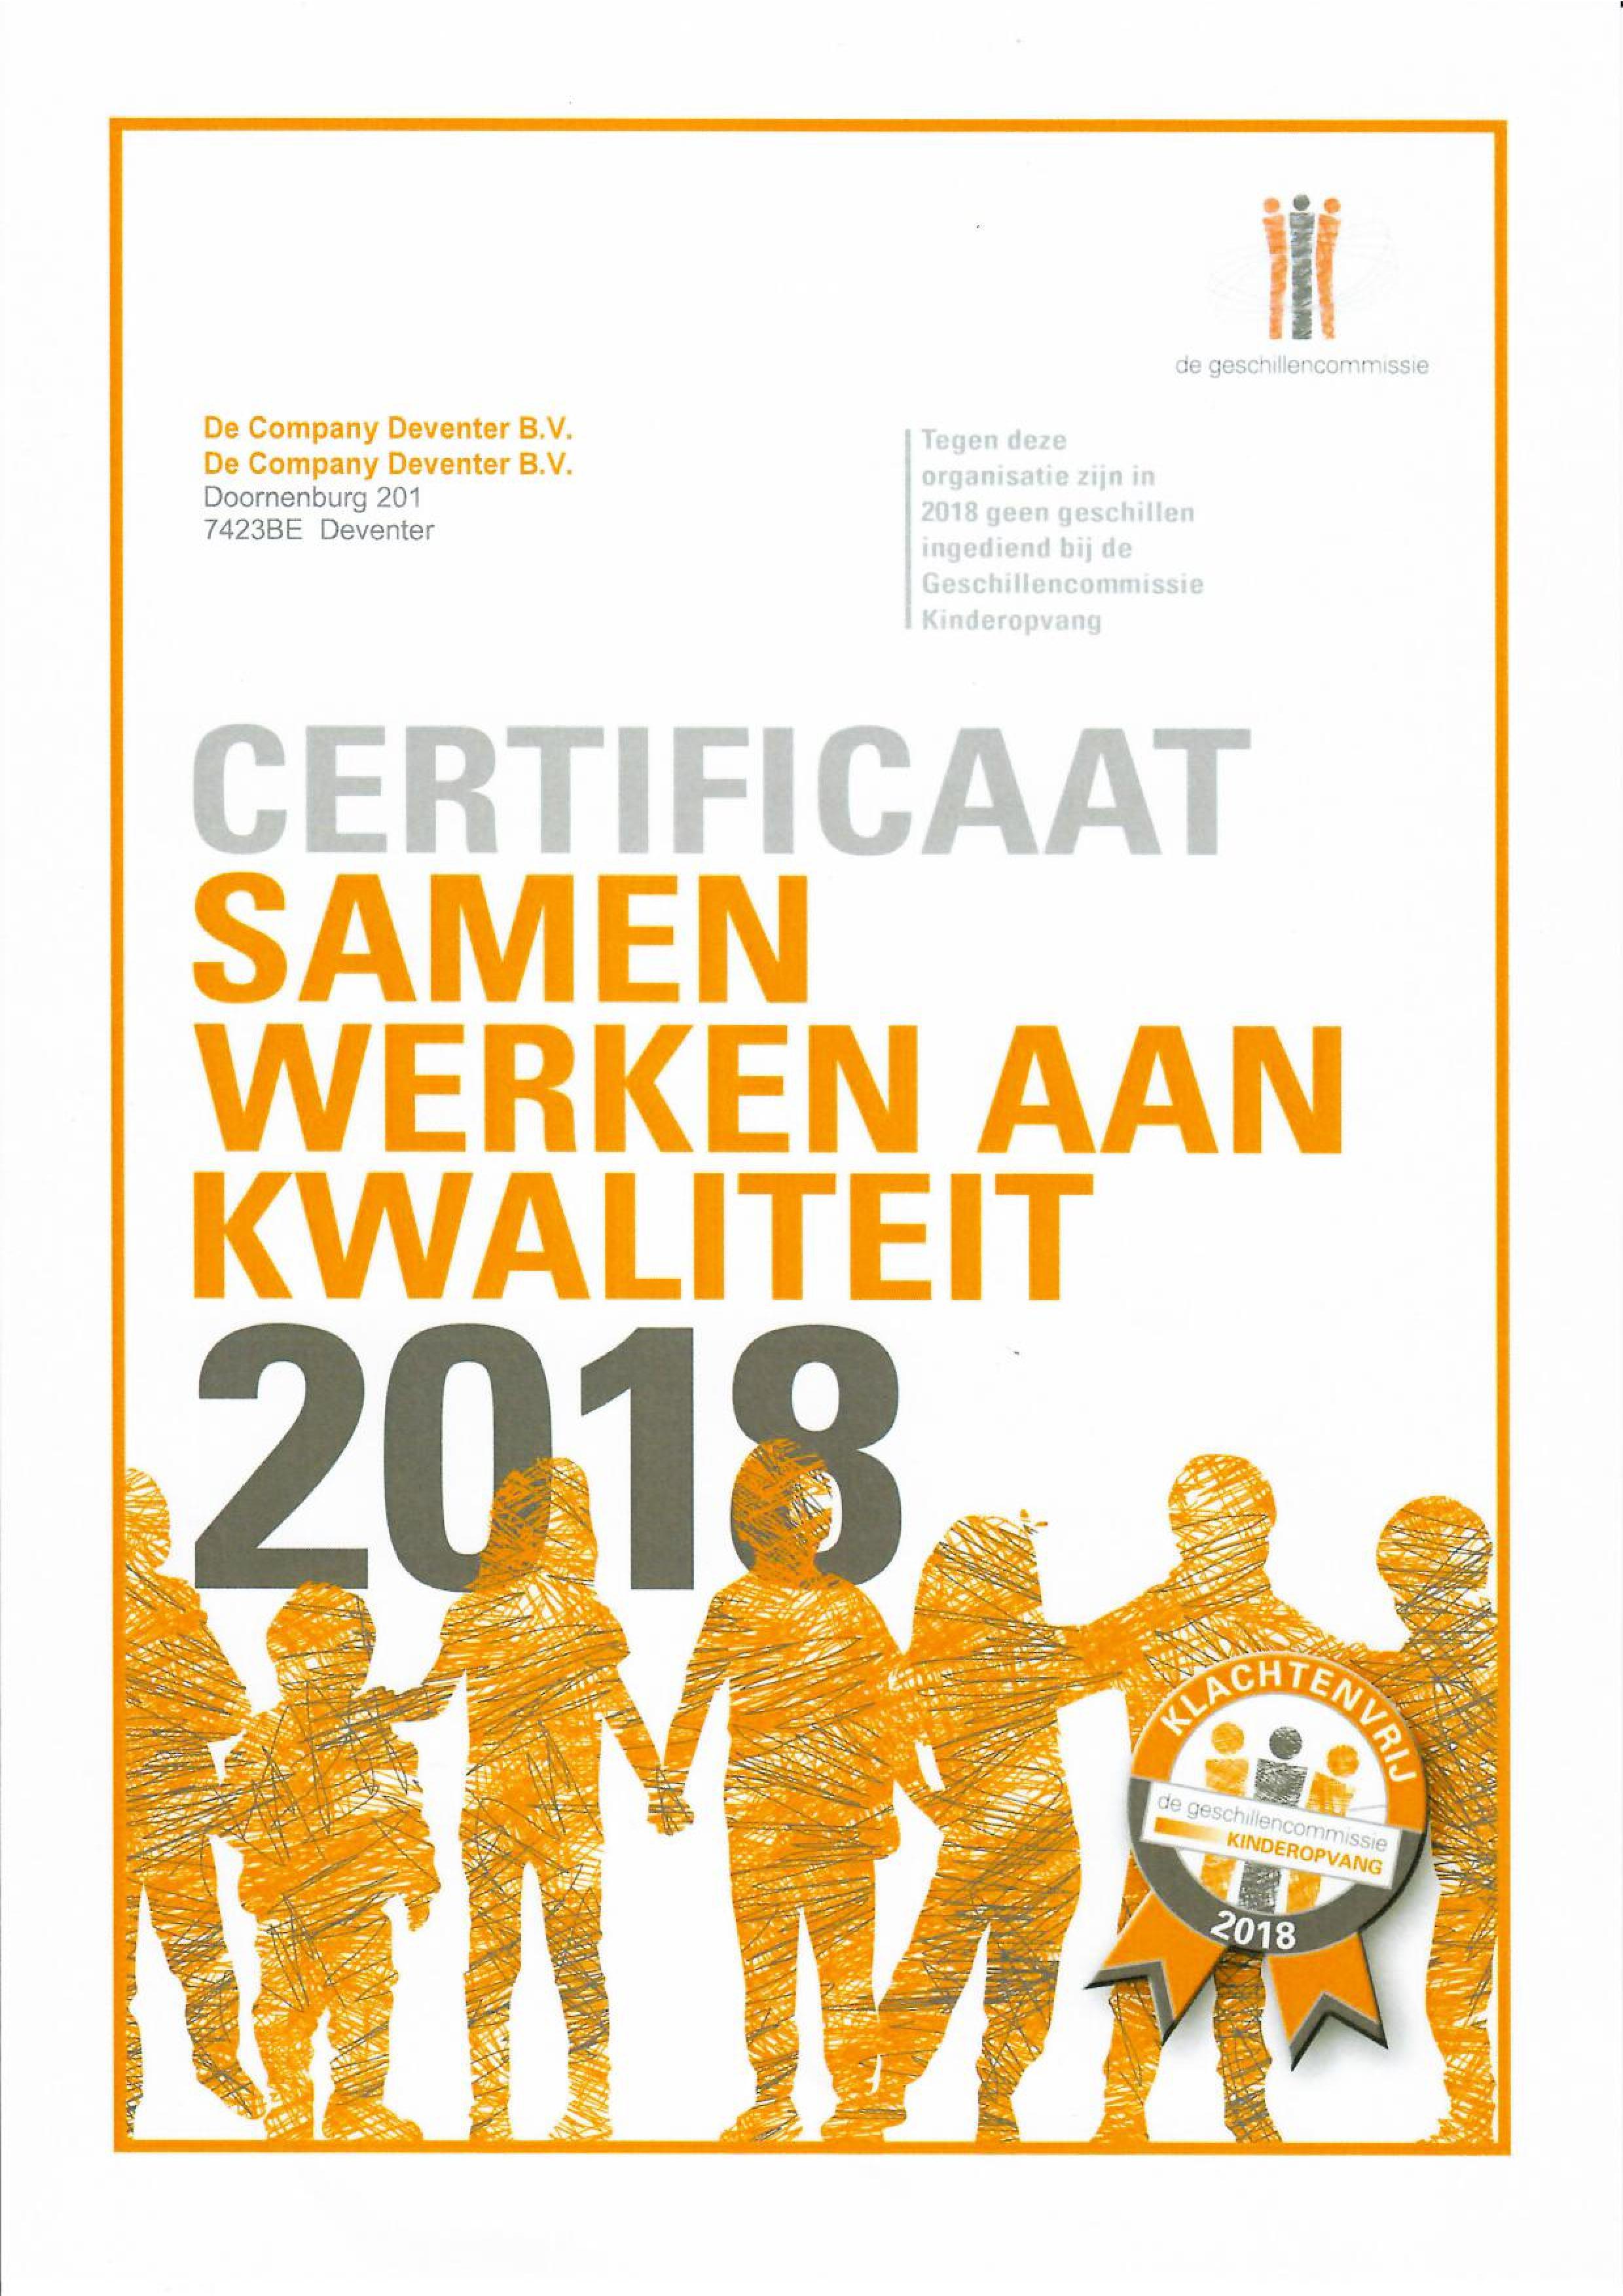 Kwaliteitscertificaat 2018